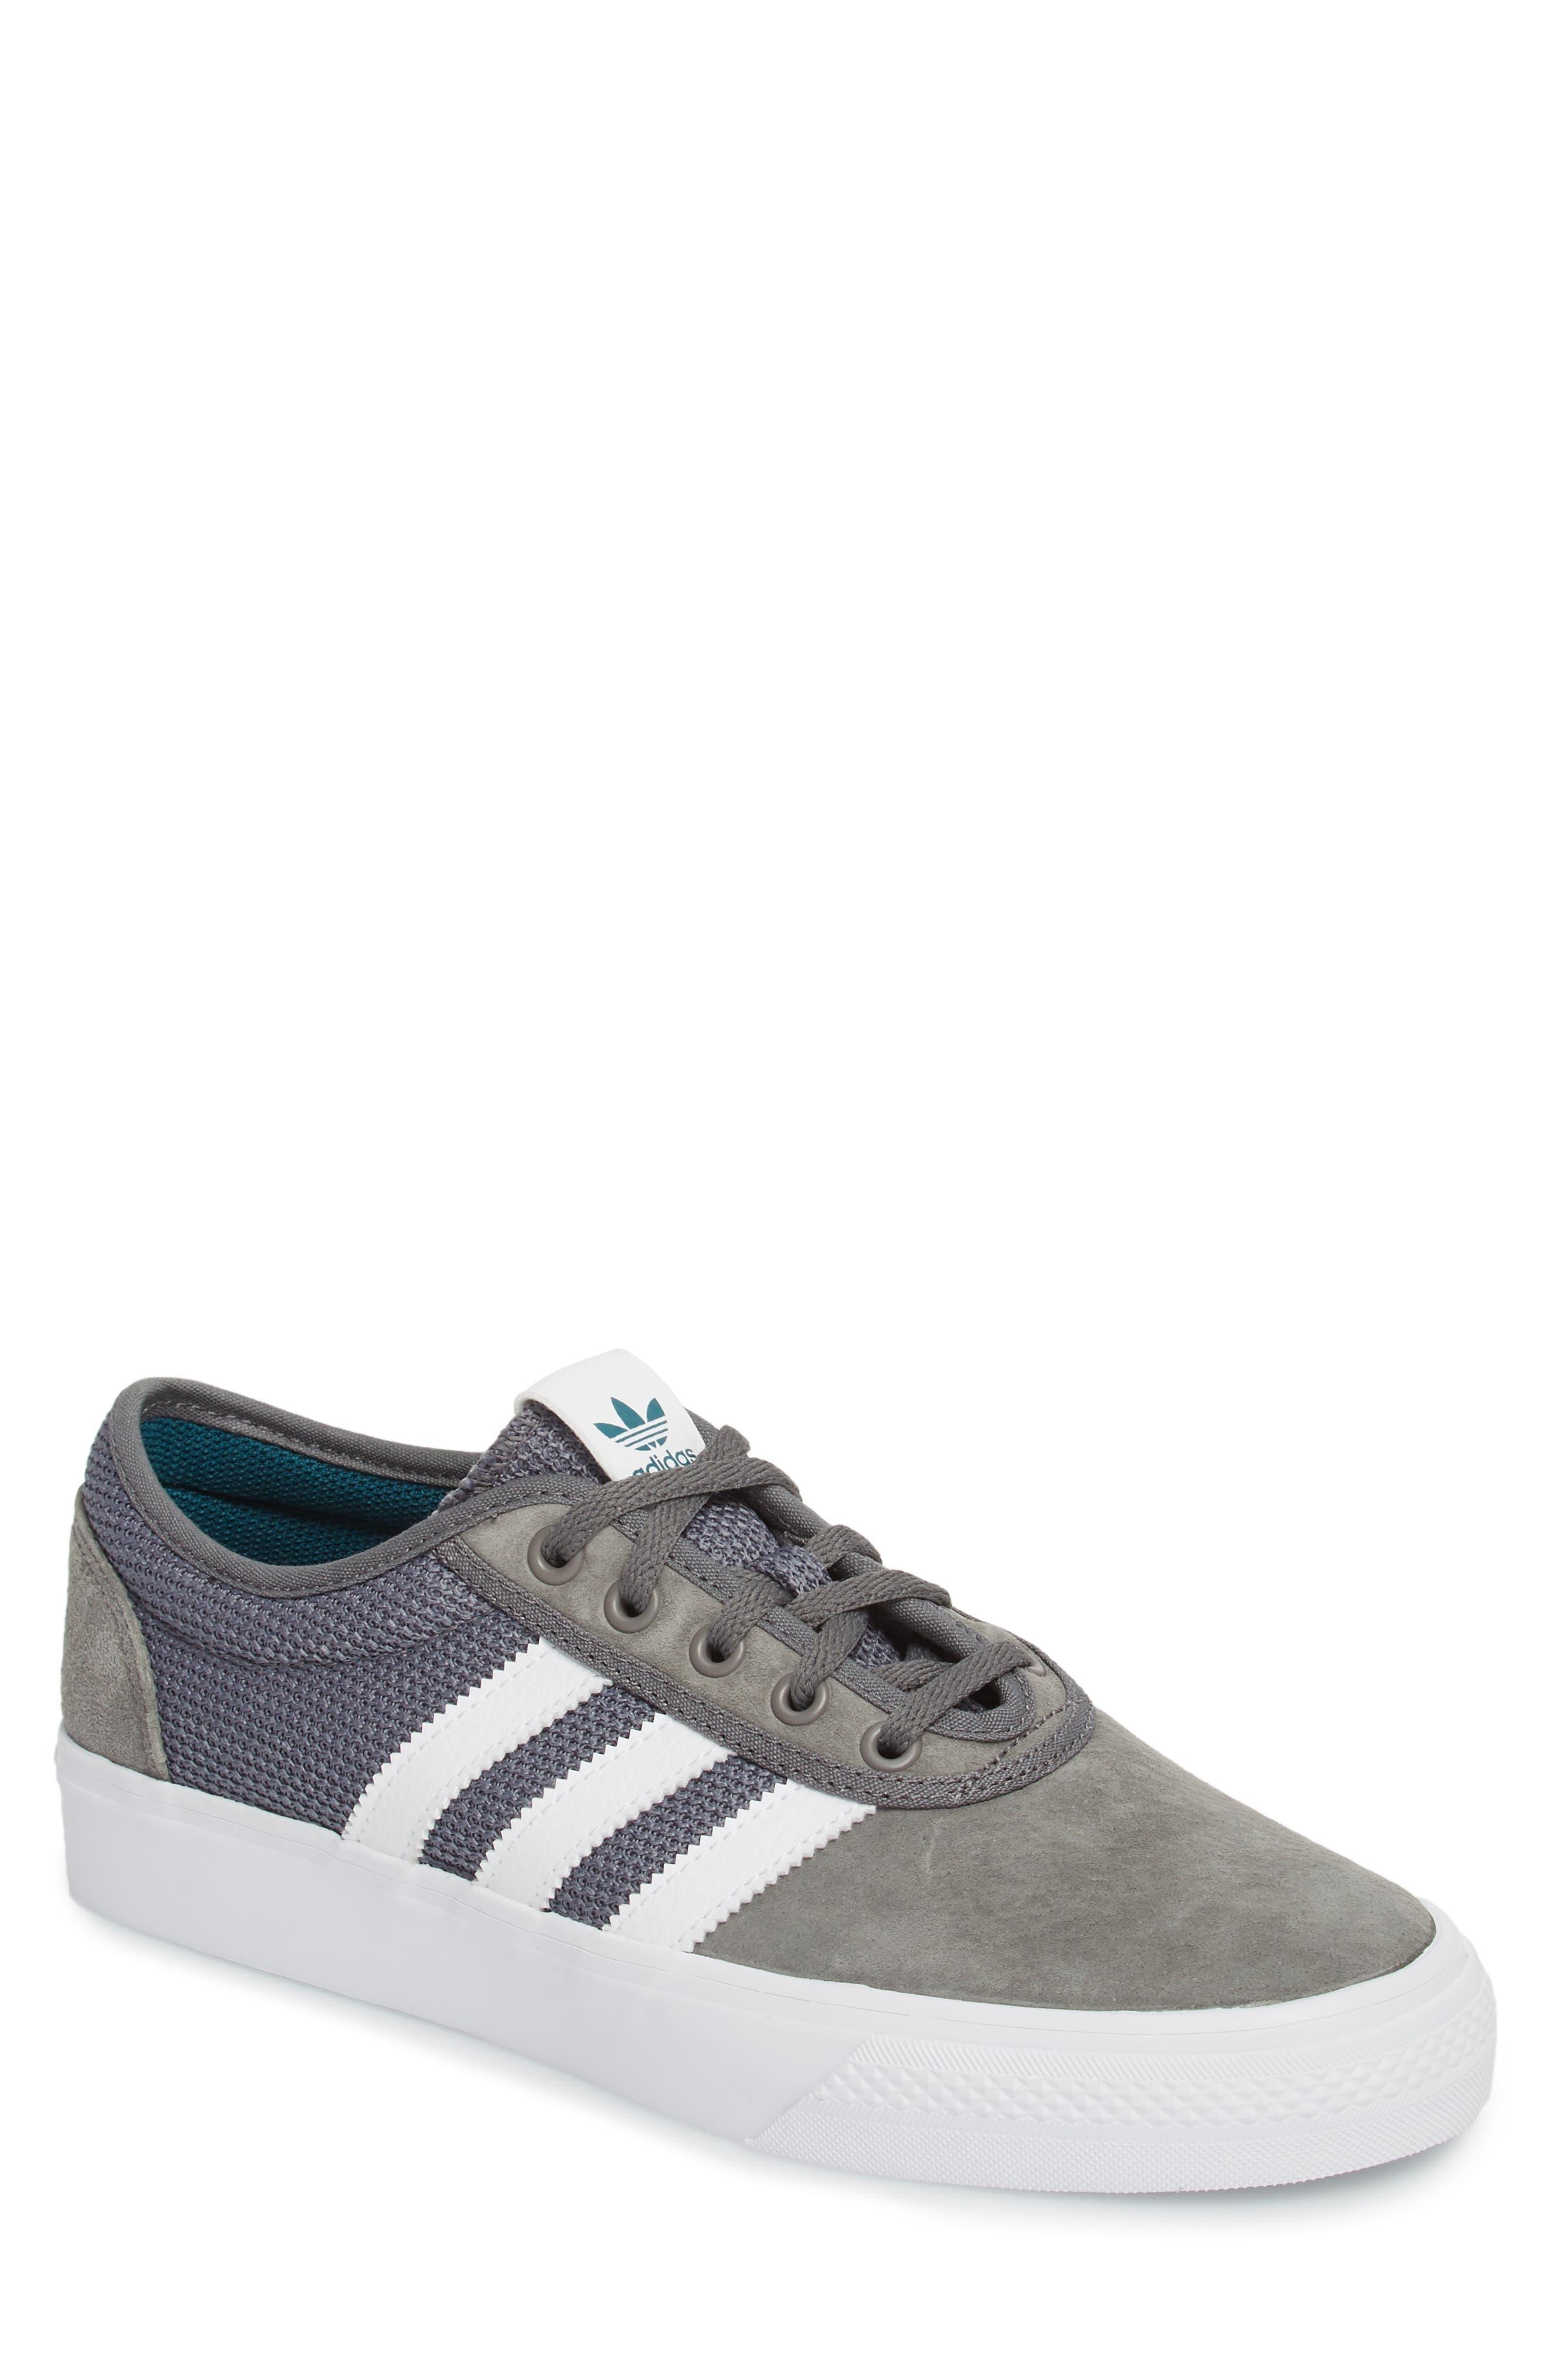 adi-Ease Sneaker,                         Main,                         color, 023